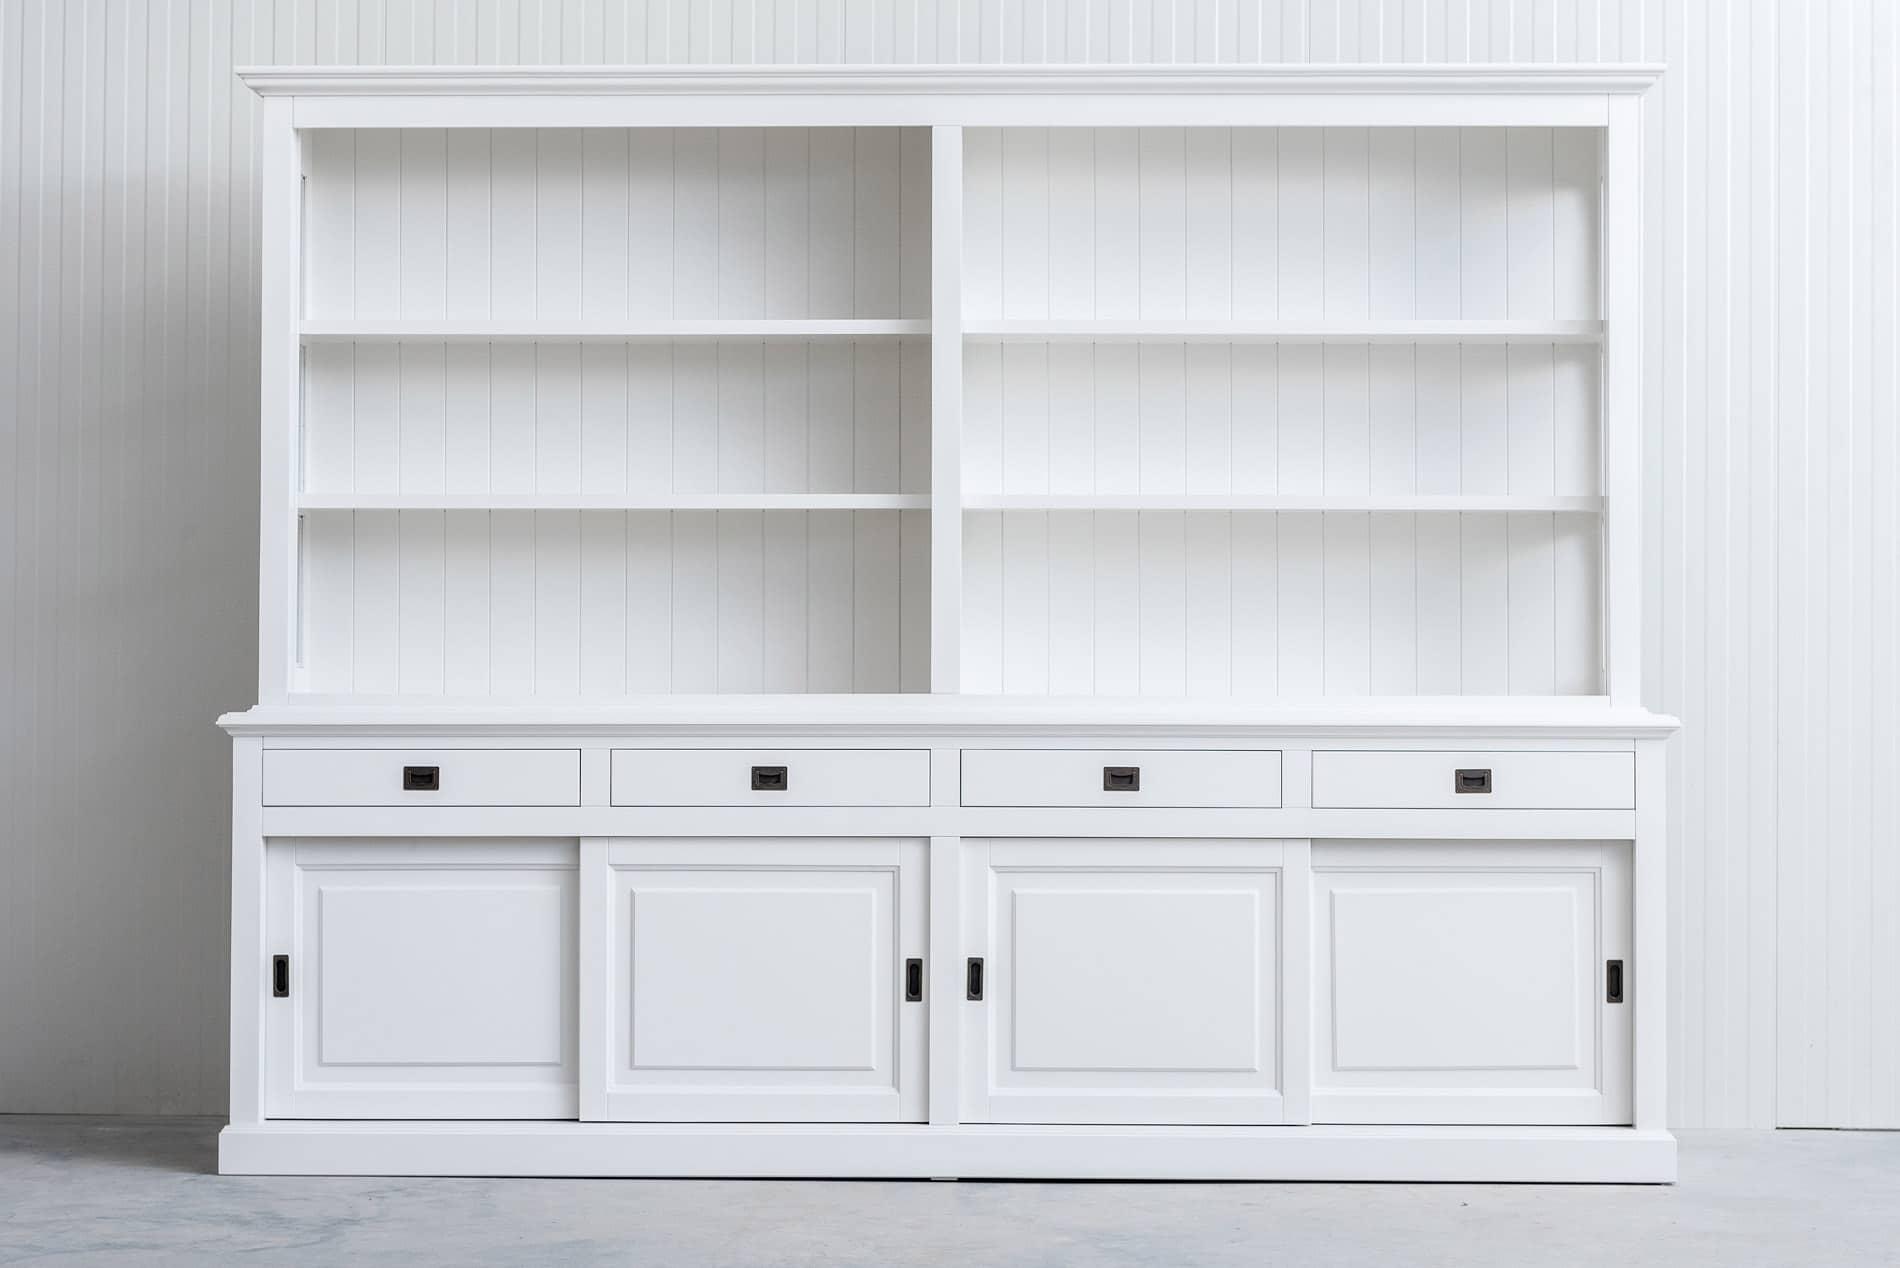 Landelijke Boekenkast Bo 3M met schuifdeuren – Wit